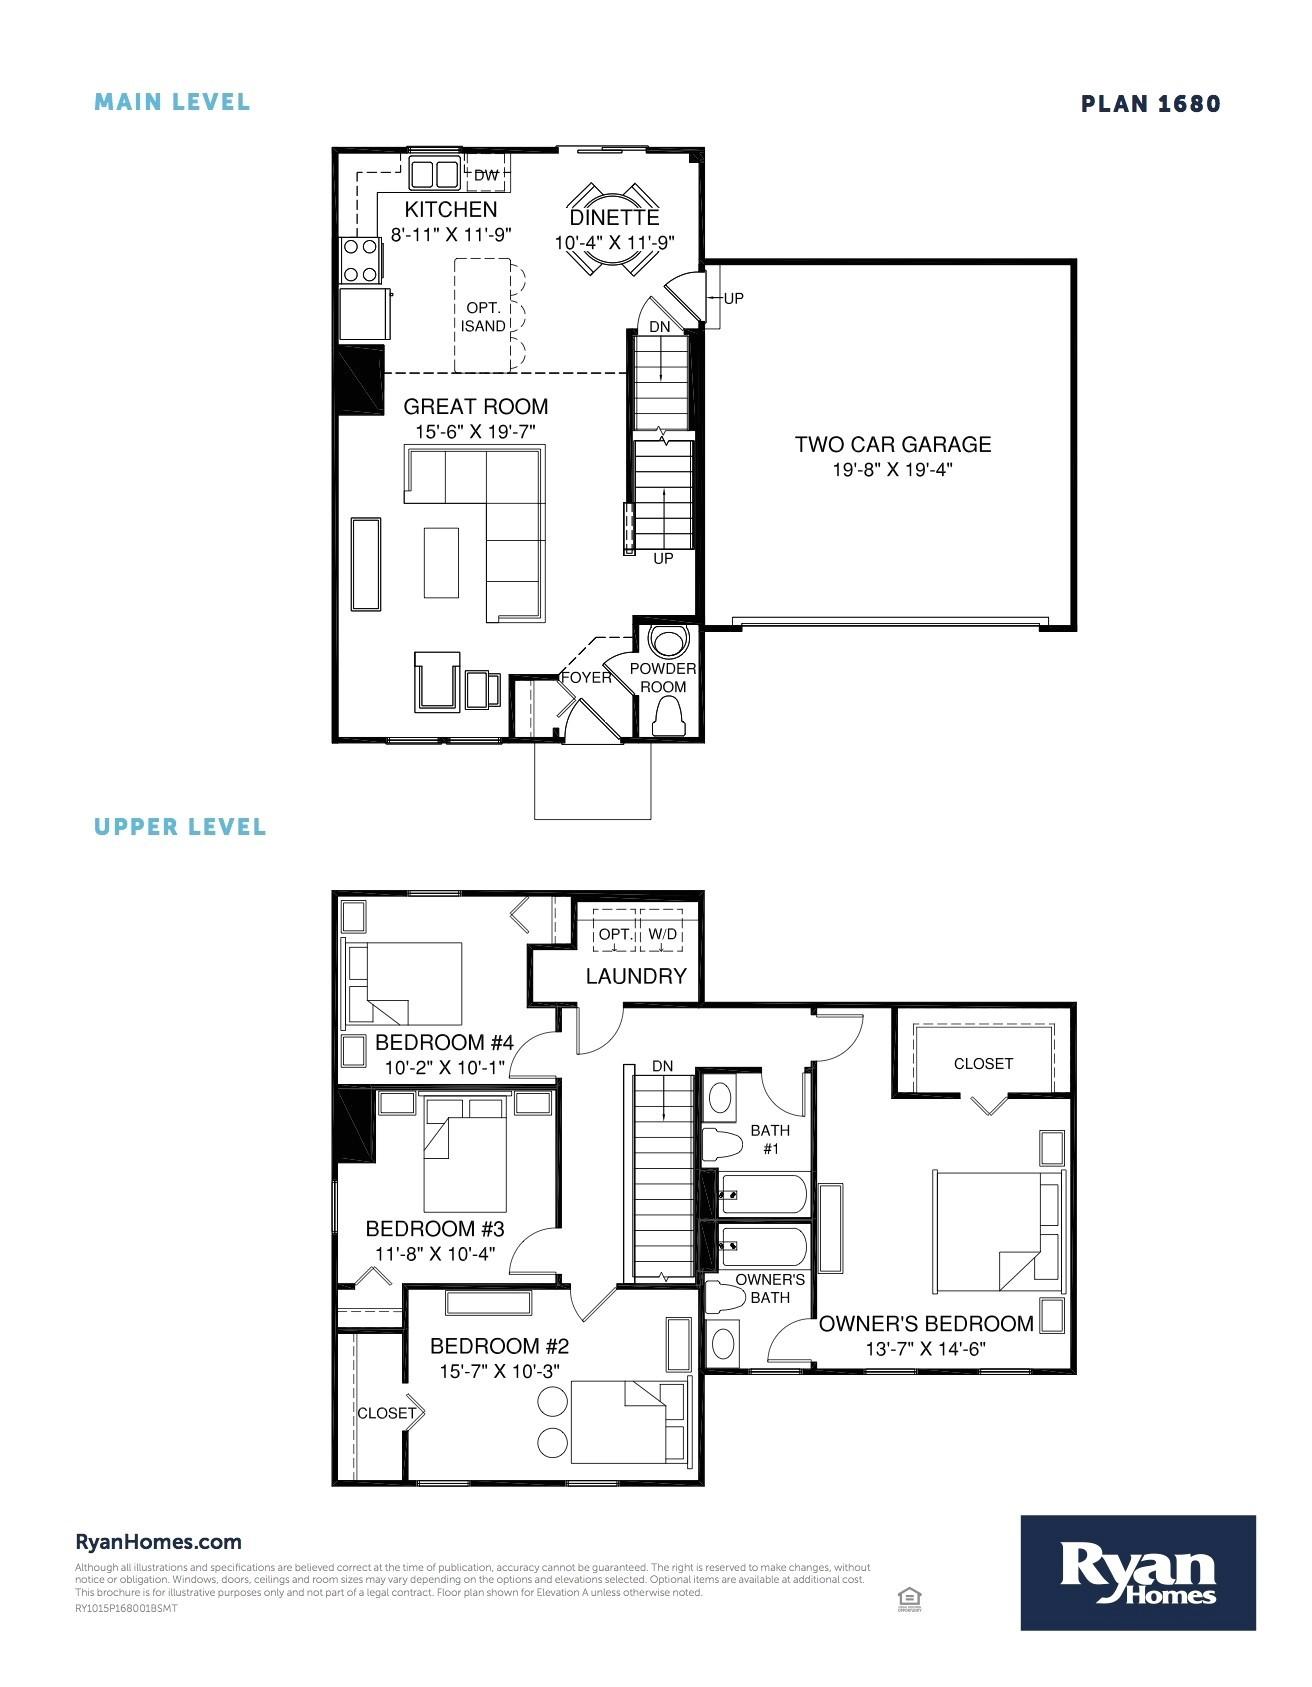 ryan homes floor plans lovely ryan homes genevieve floor plan best ryan homes rome floor plan